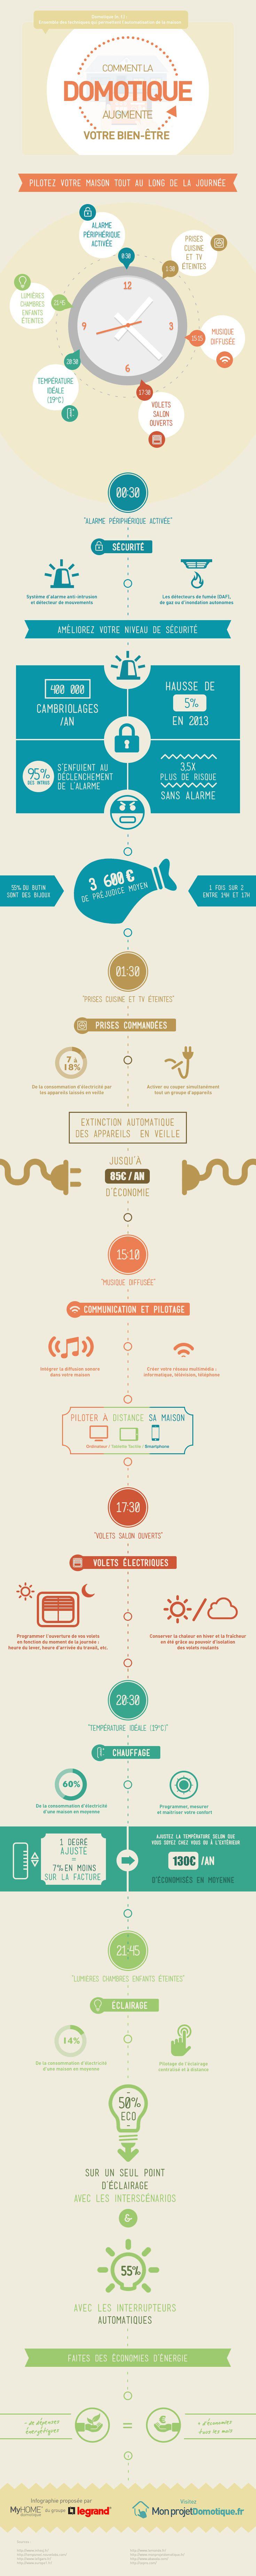 #Infographie #Domotique - Comment la domotique augmente votre bien-être